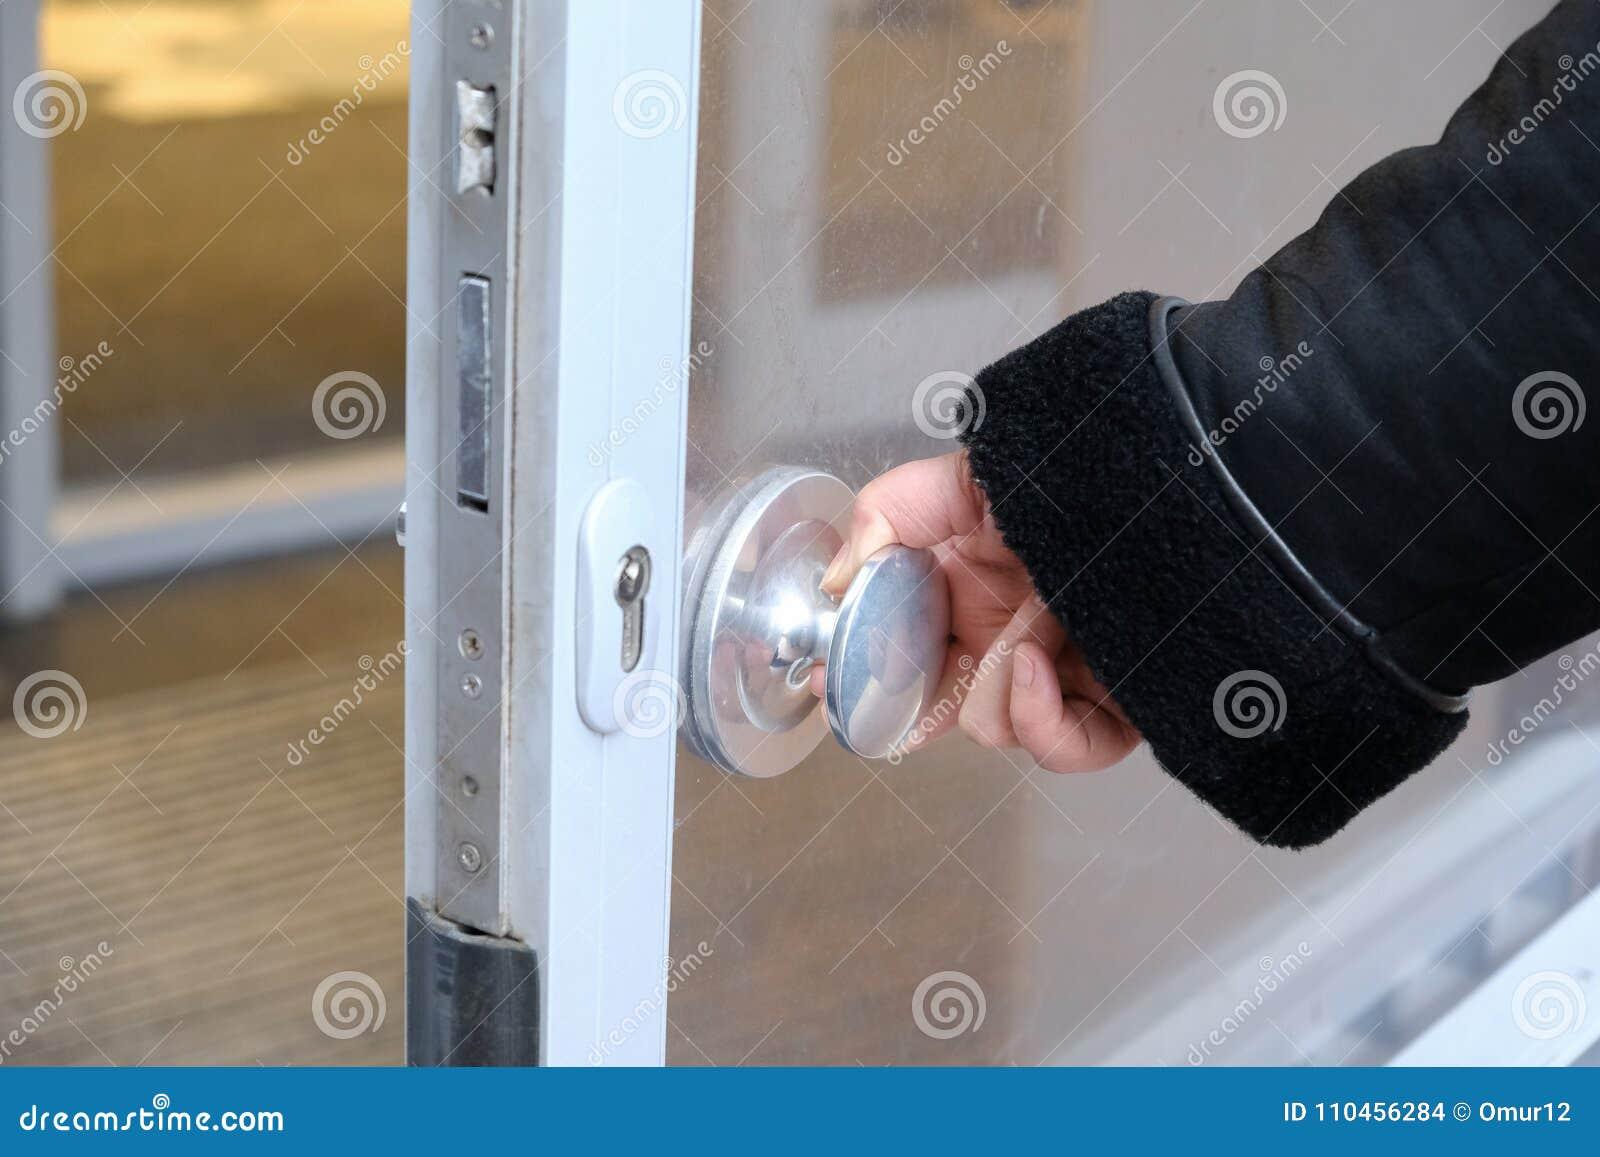 La mano apre la porta dalla maniglia